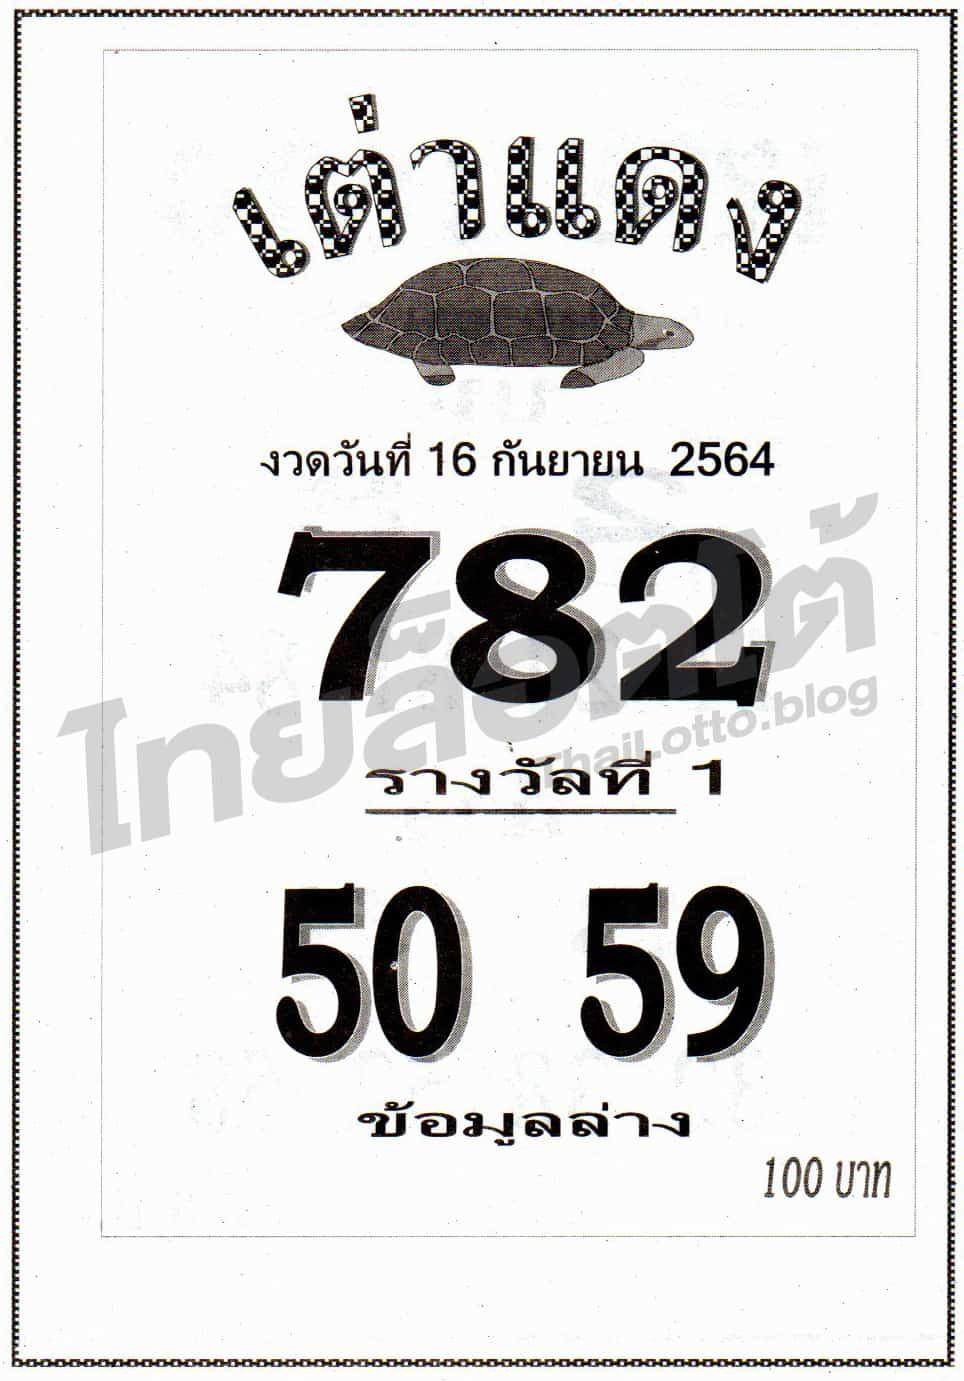 หวยซอง หวยเต่าแดง-160964